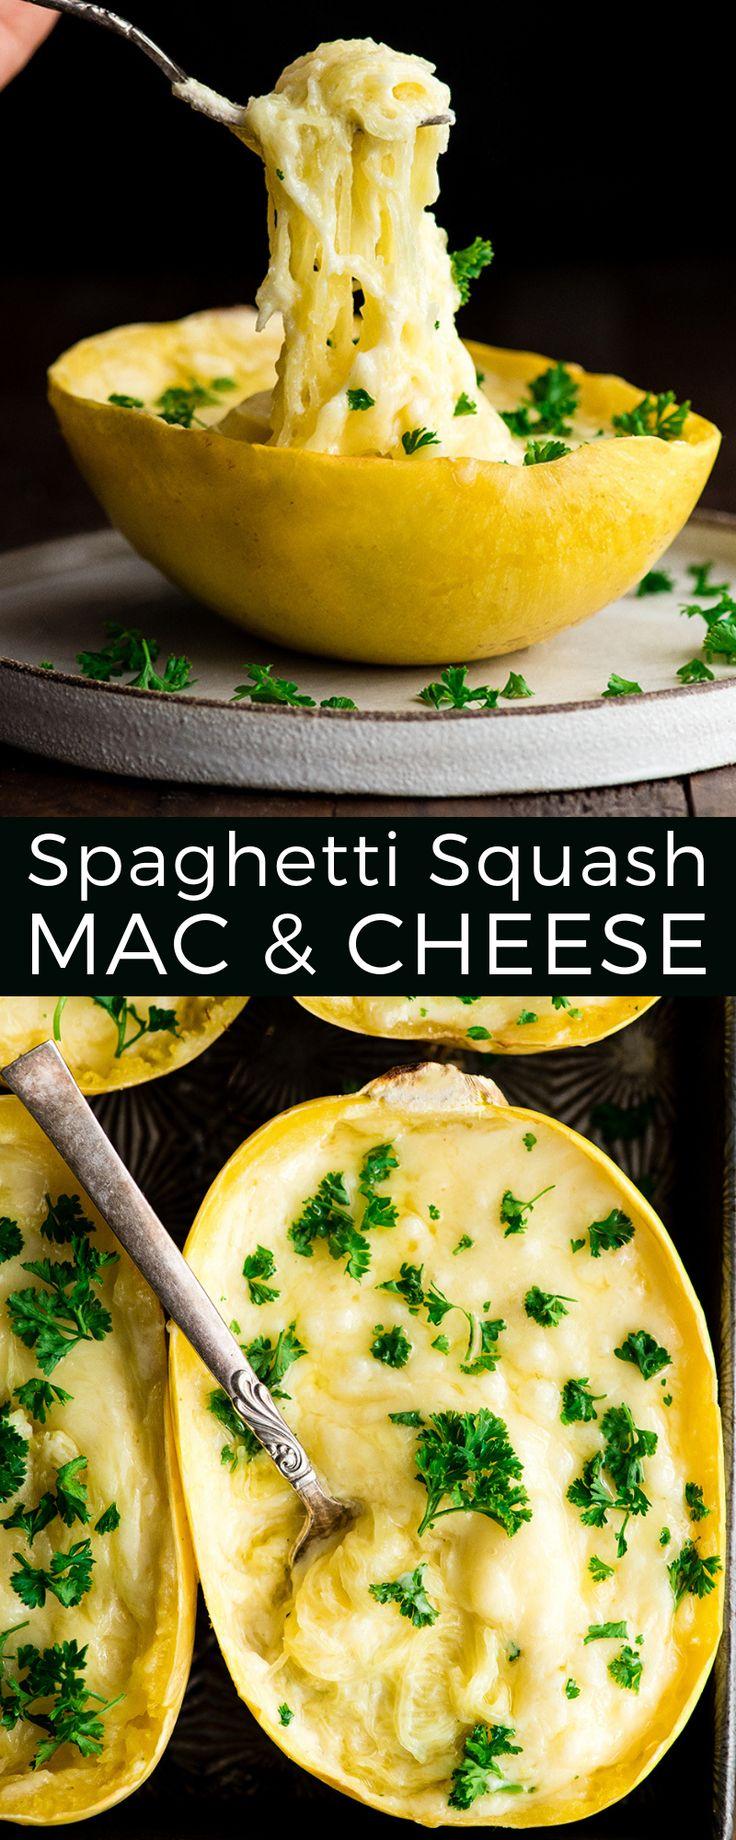 Dieses einfache und gesunde Spaghetti-Kürbis-Rezept für Mac und Käse ist kohlenhydratarm und ketoarm! …